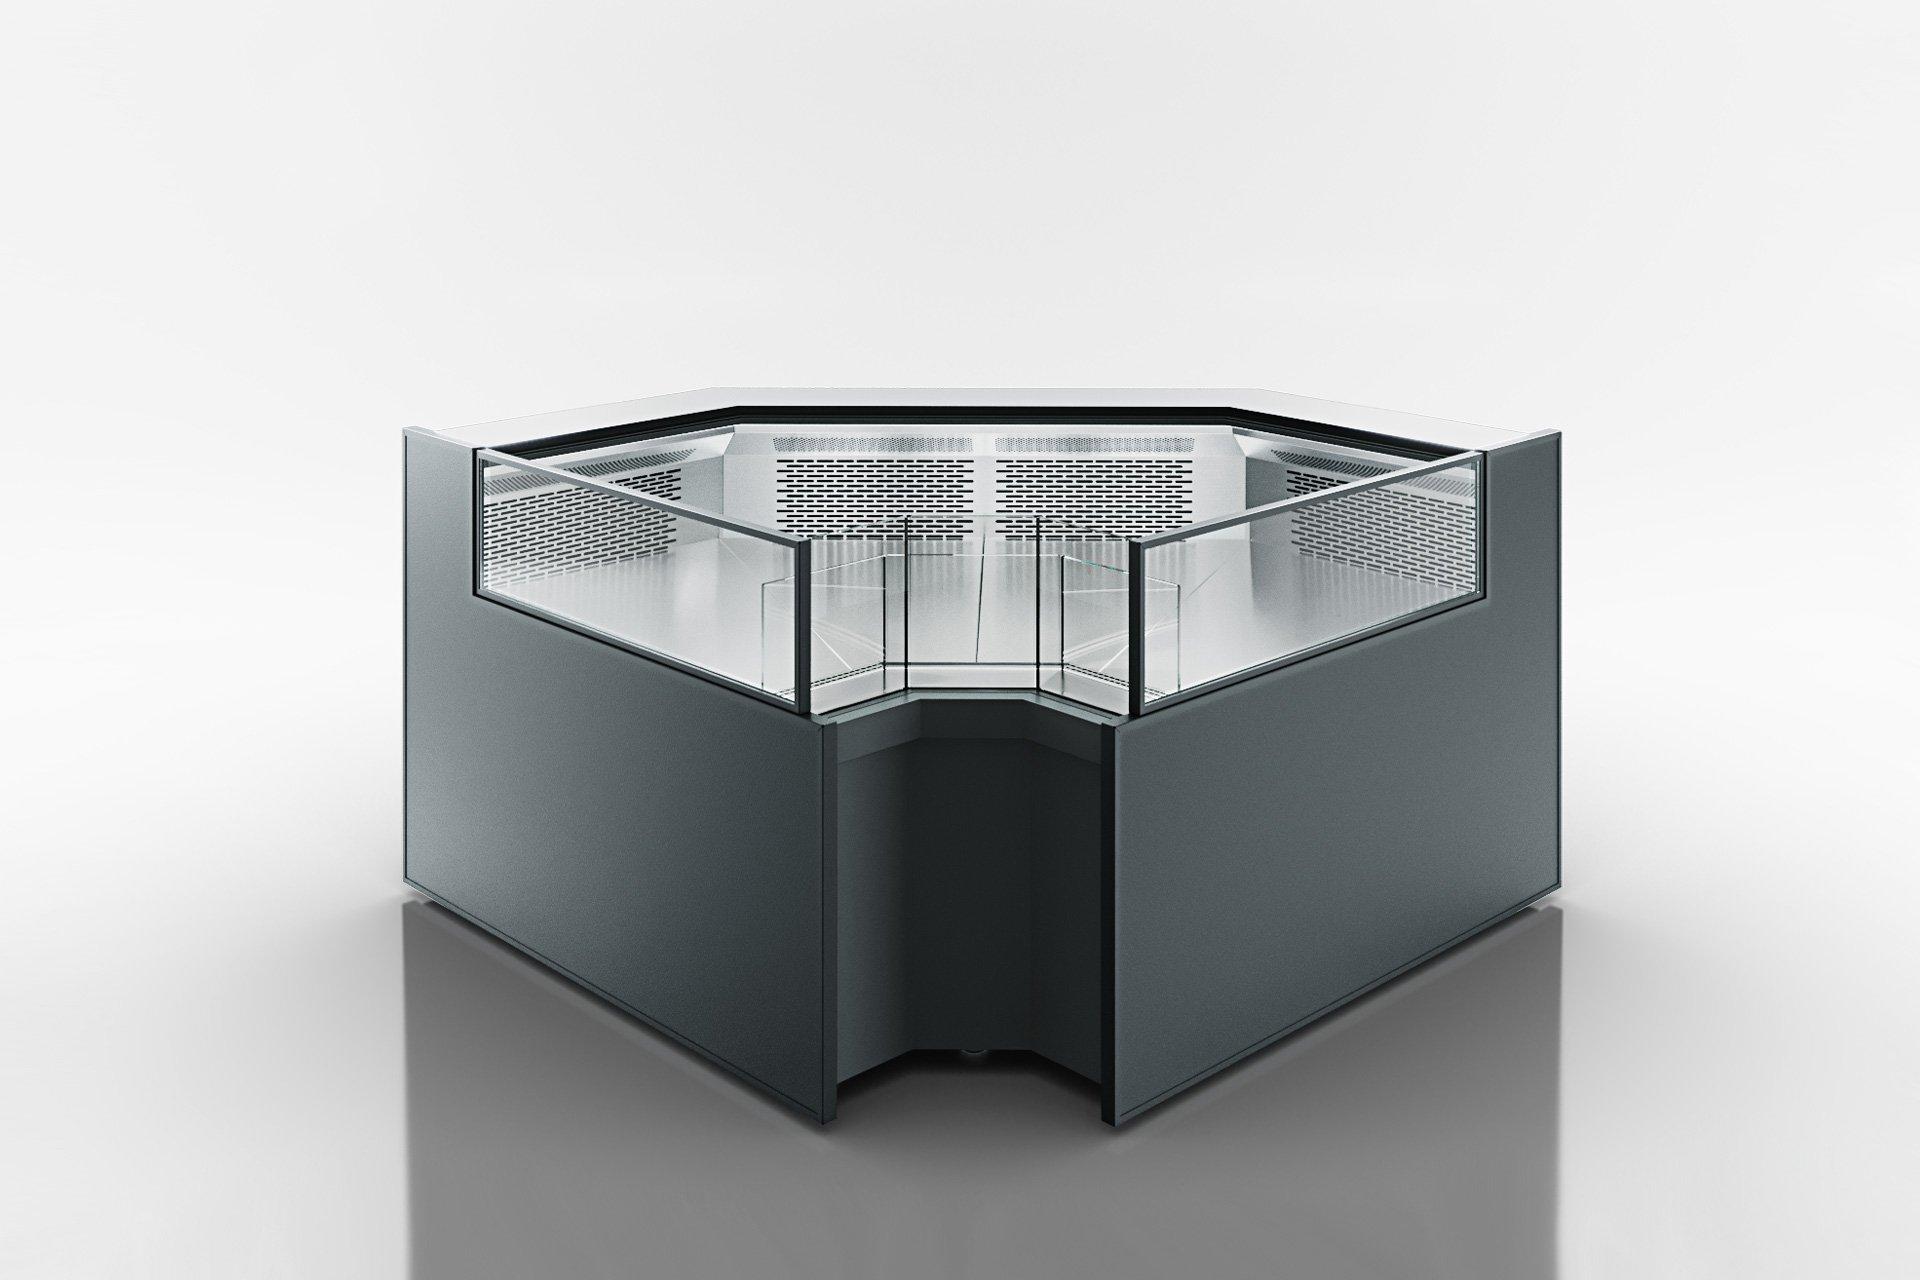 Угловые эленты холодильных витрин Missouri MC 120 deli self 086-DLM-IS90